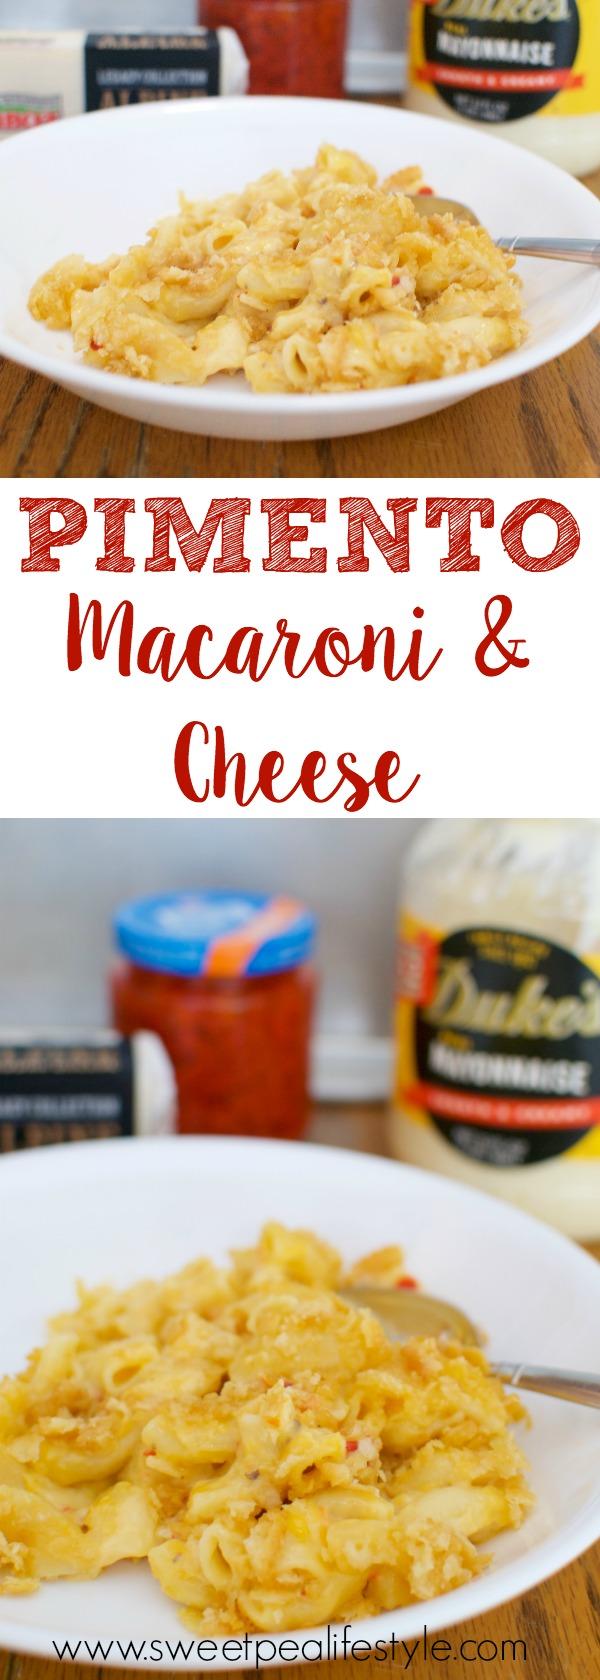 pimento macaroni and cheese casserole